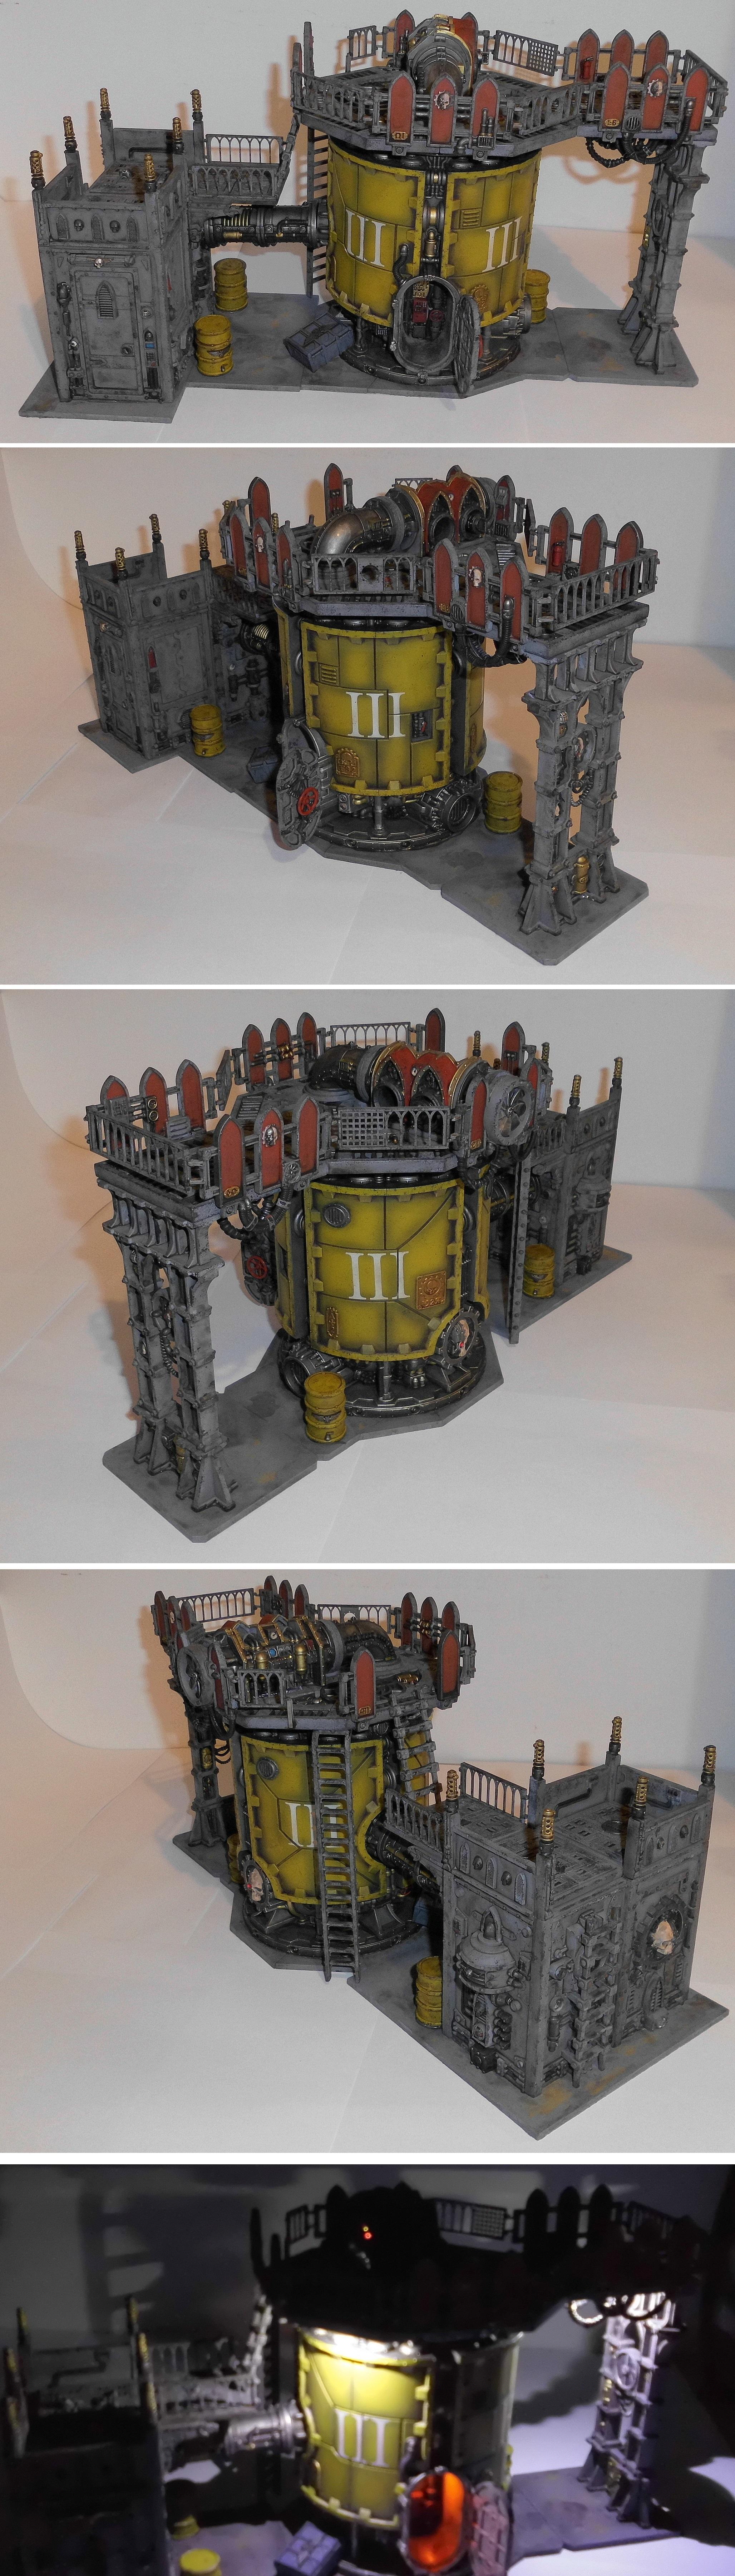 Mechanicus, Terrain, Warhammer 40,000, Warhammer Fantasy